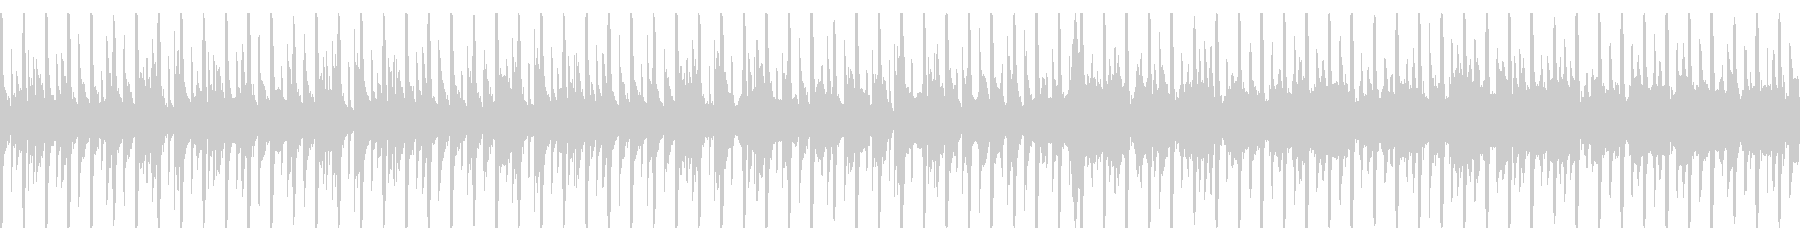 ほのぼのまったりとした日常のBGMの未再生の波形